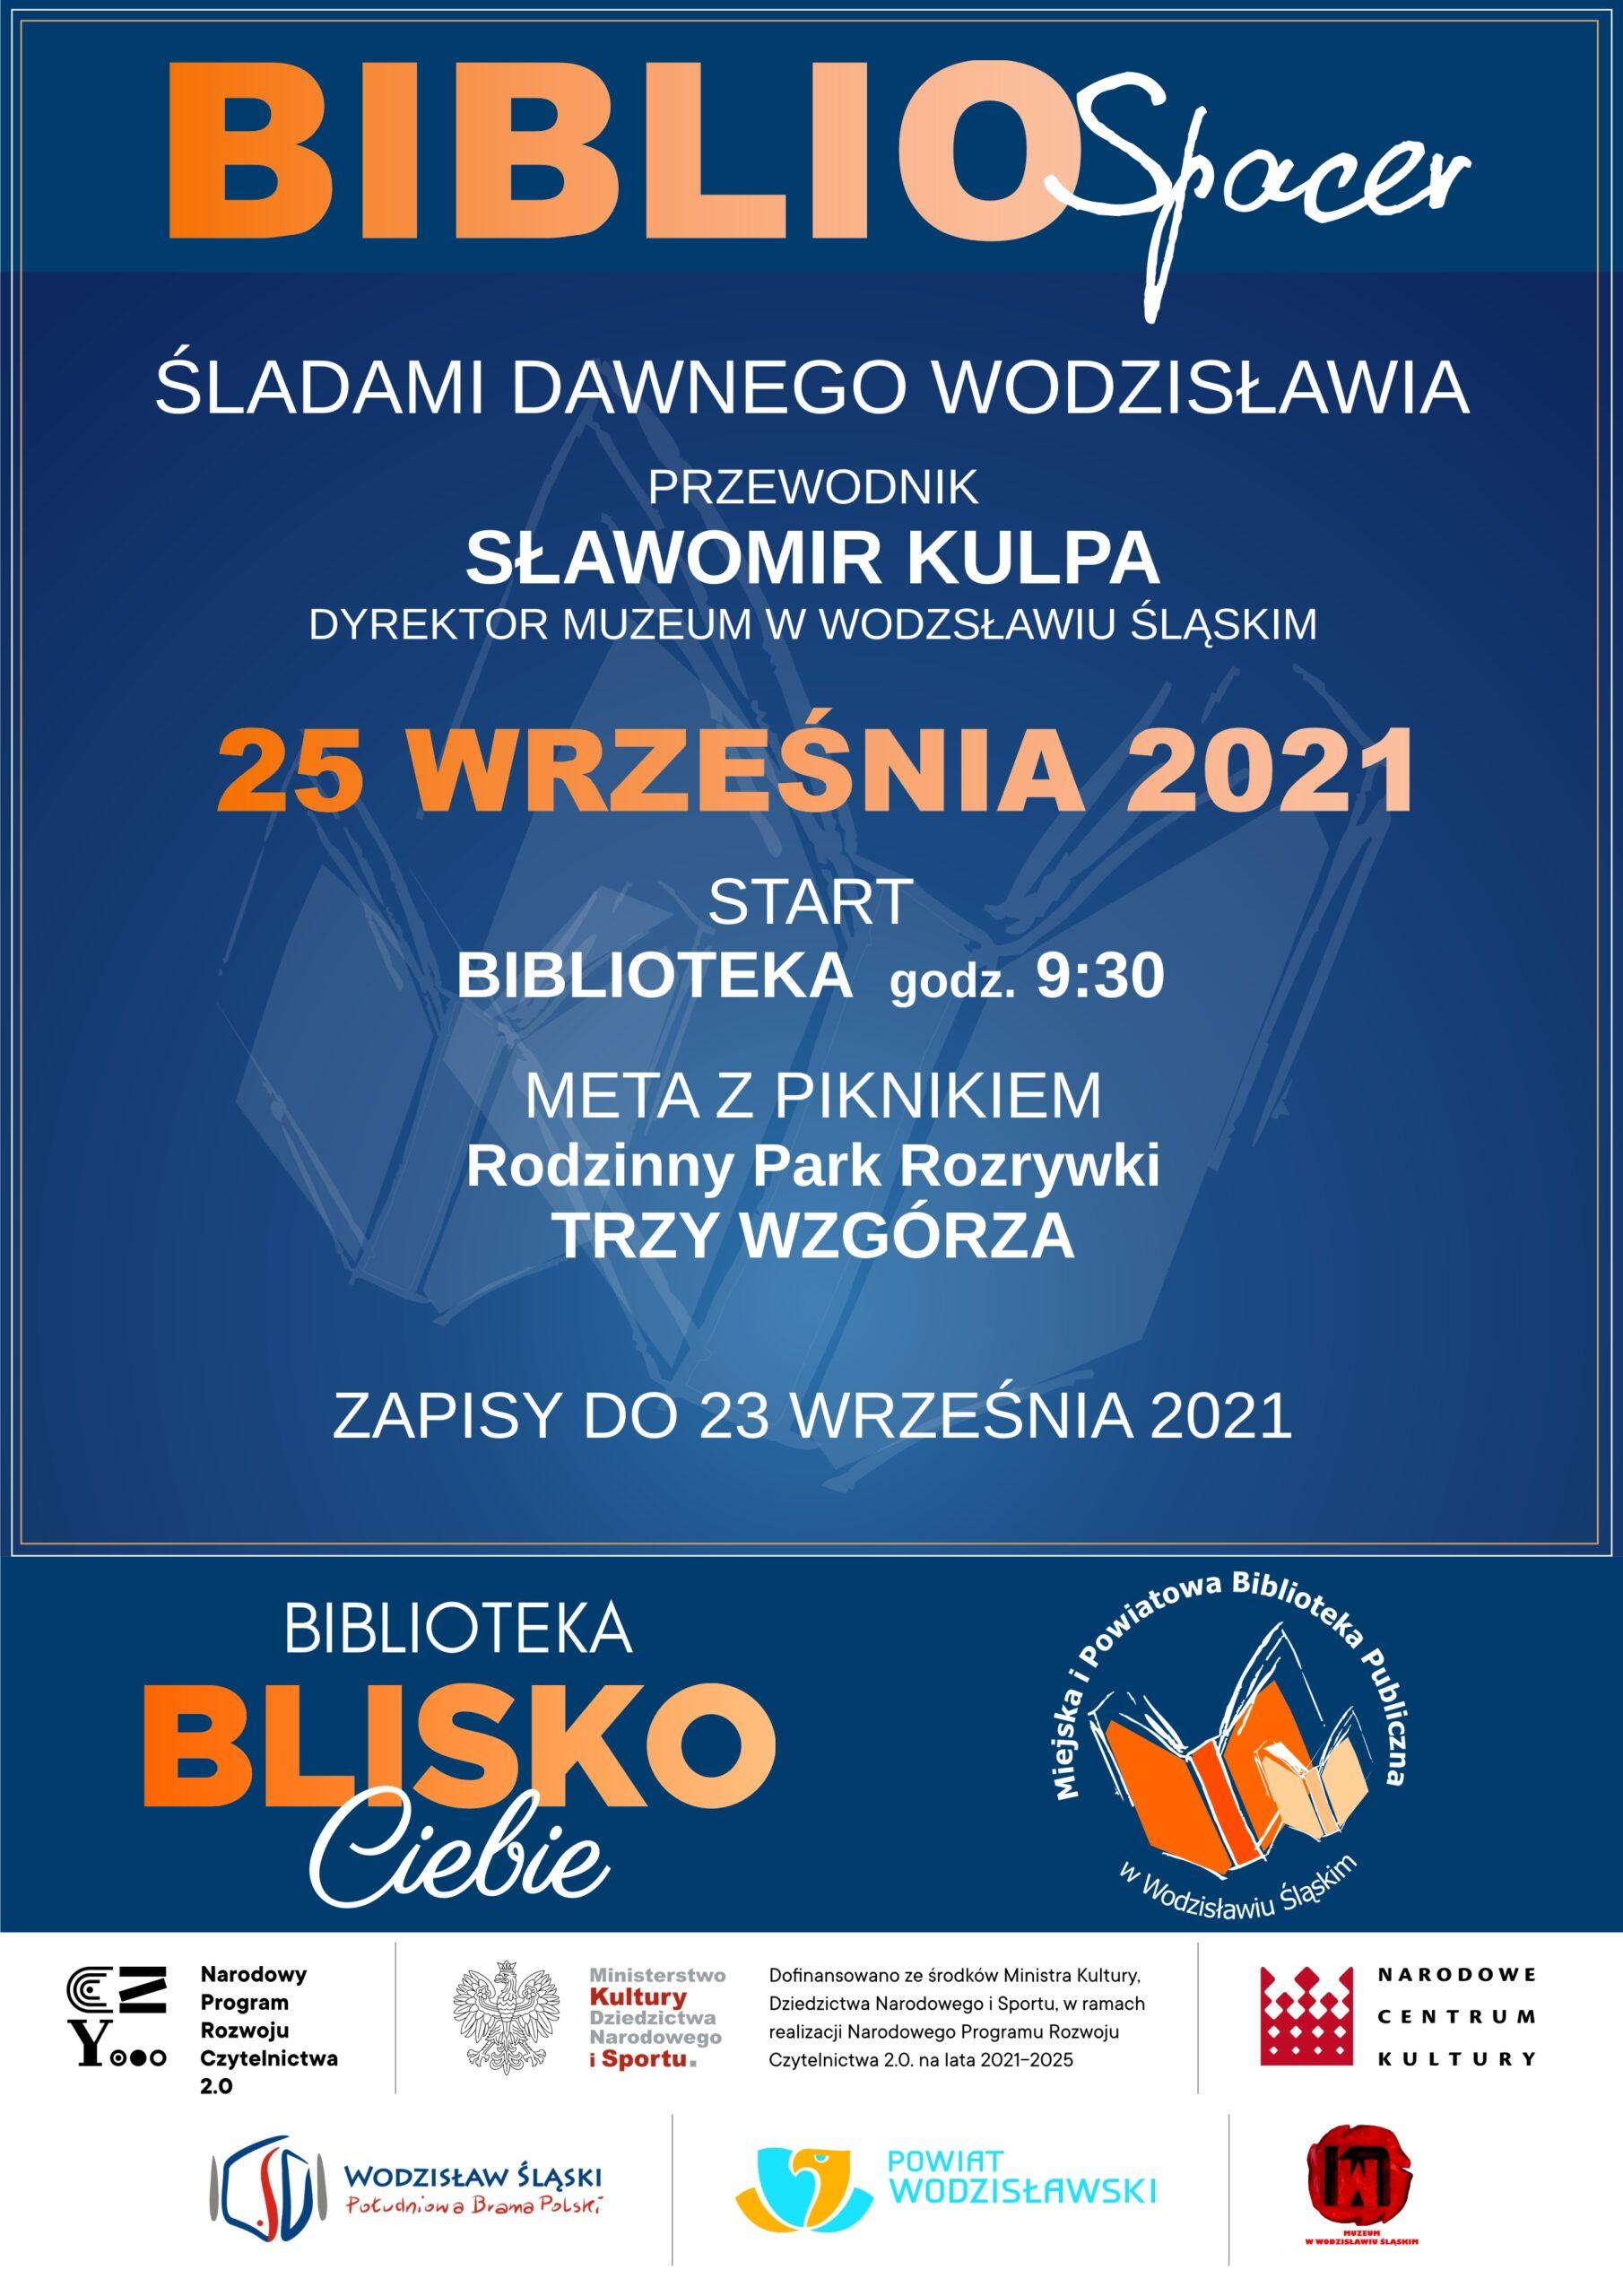 BiblioSpacer - Śladami dawnego Wodzisławia - 25 września 2021 - Projekt: Biblioteka BLISKO Ciebie